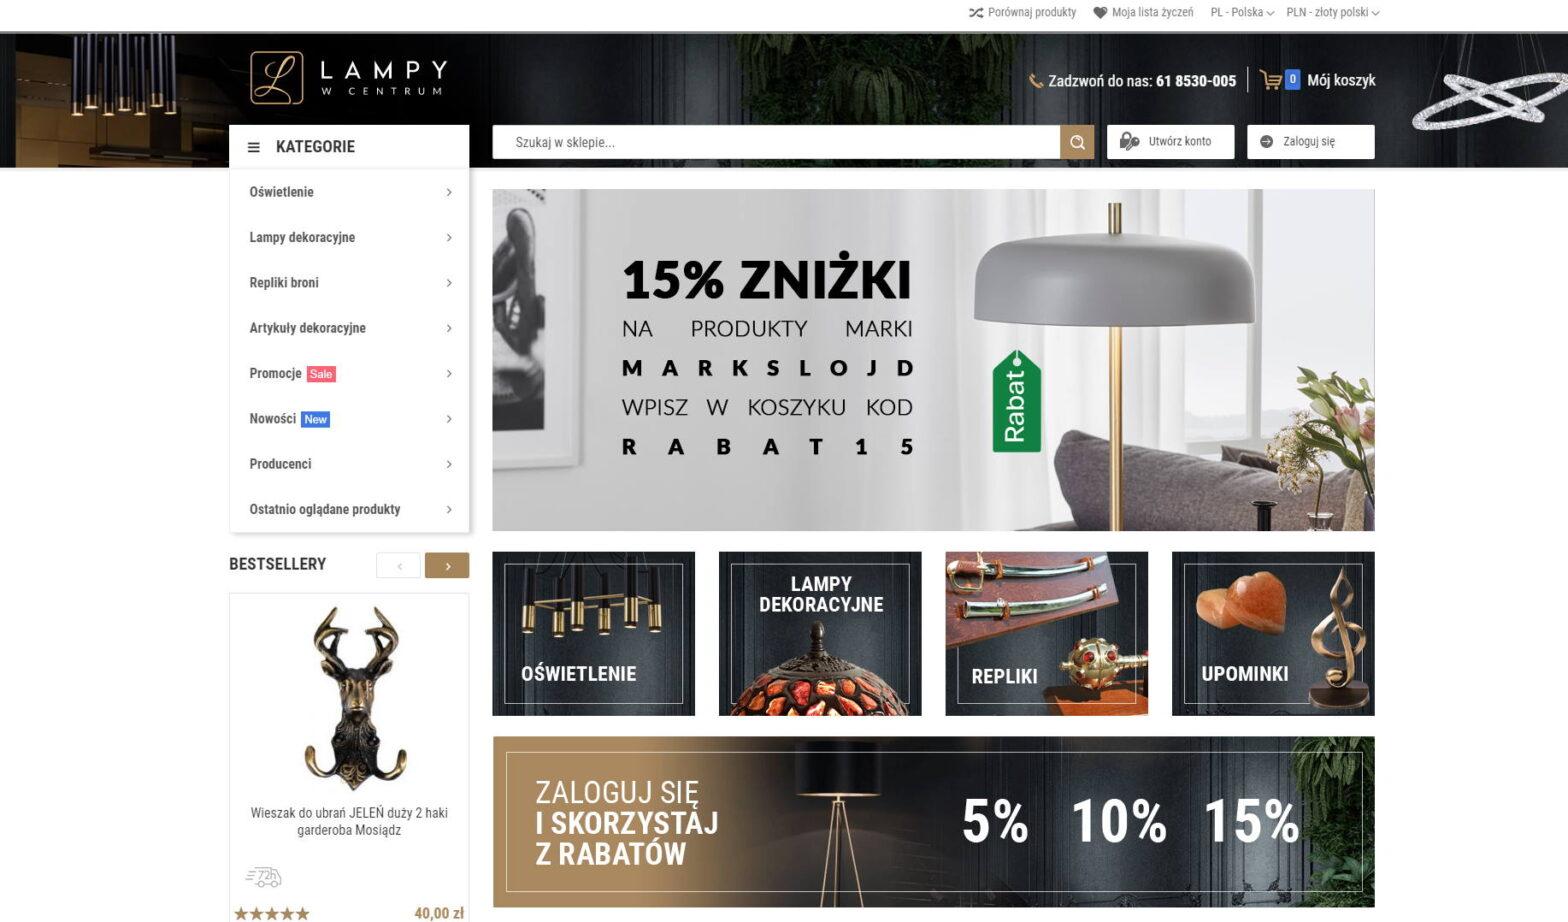 lampywcentrum.pl - Lampy w każdym rozmiarze, artykuły dekoracyjne.